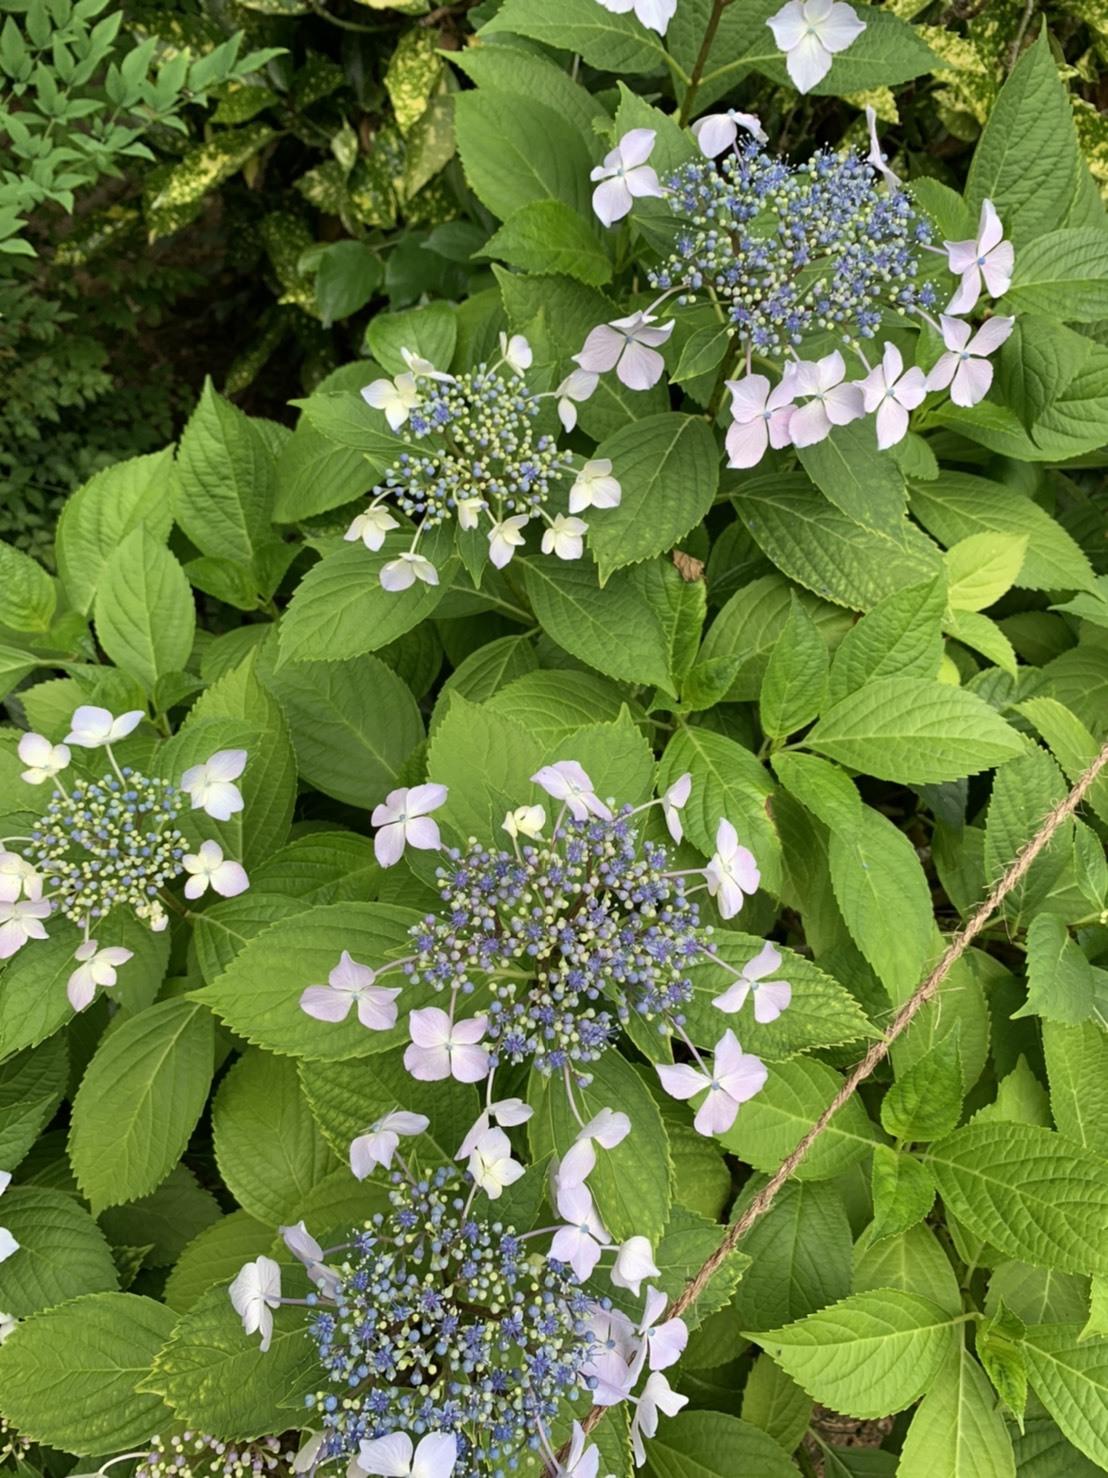 園庭にもたくさんのお花が咲きました!_d0053323_07543749.jpeg